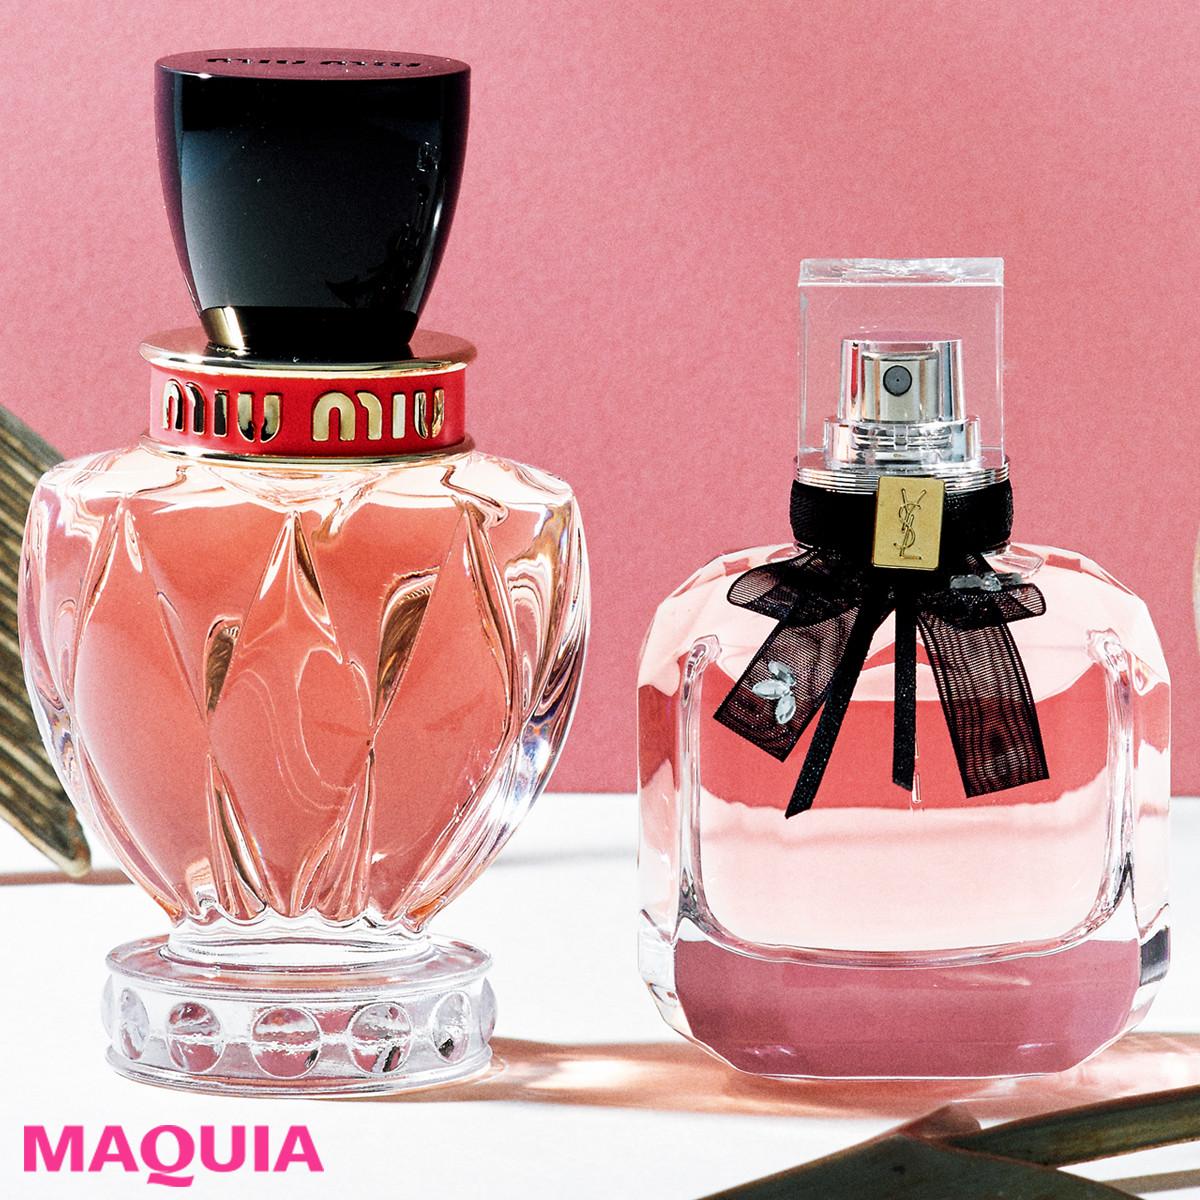 恋の進展を後押しする香水